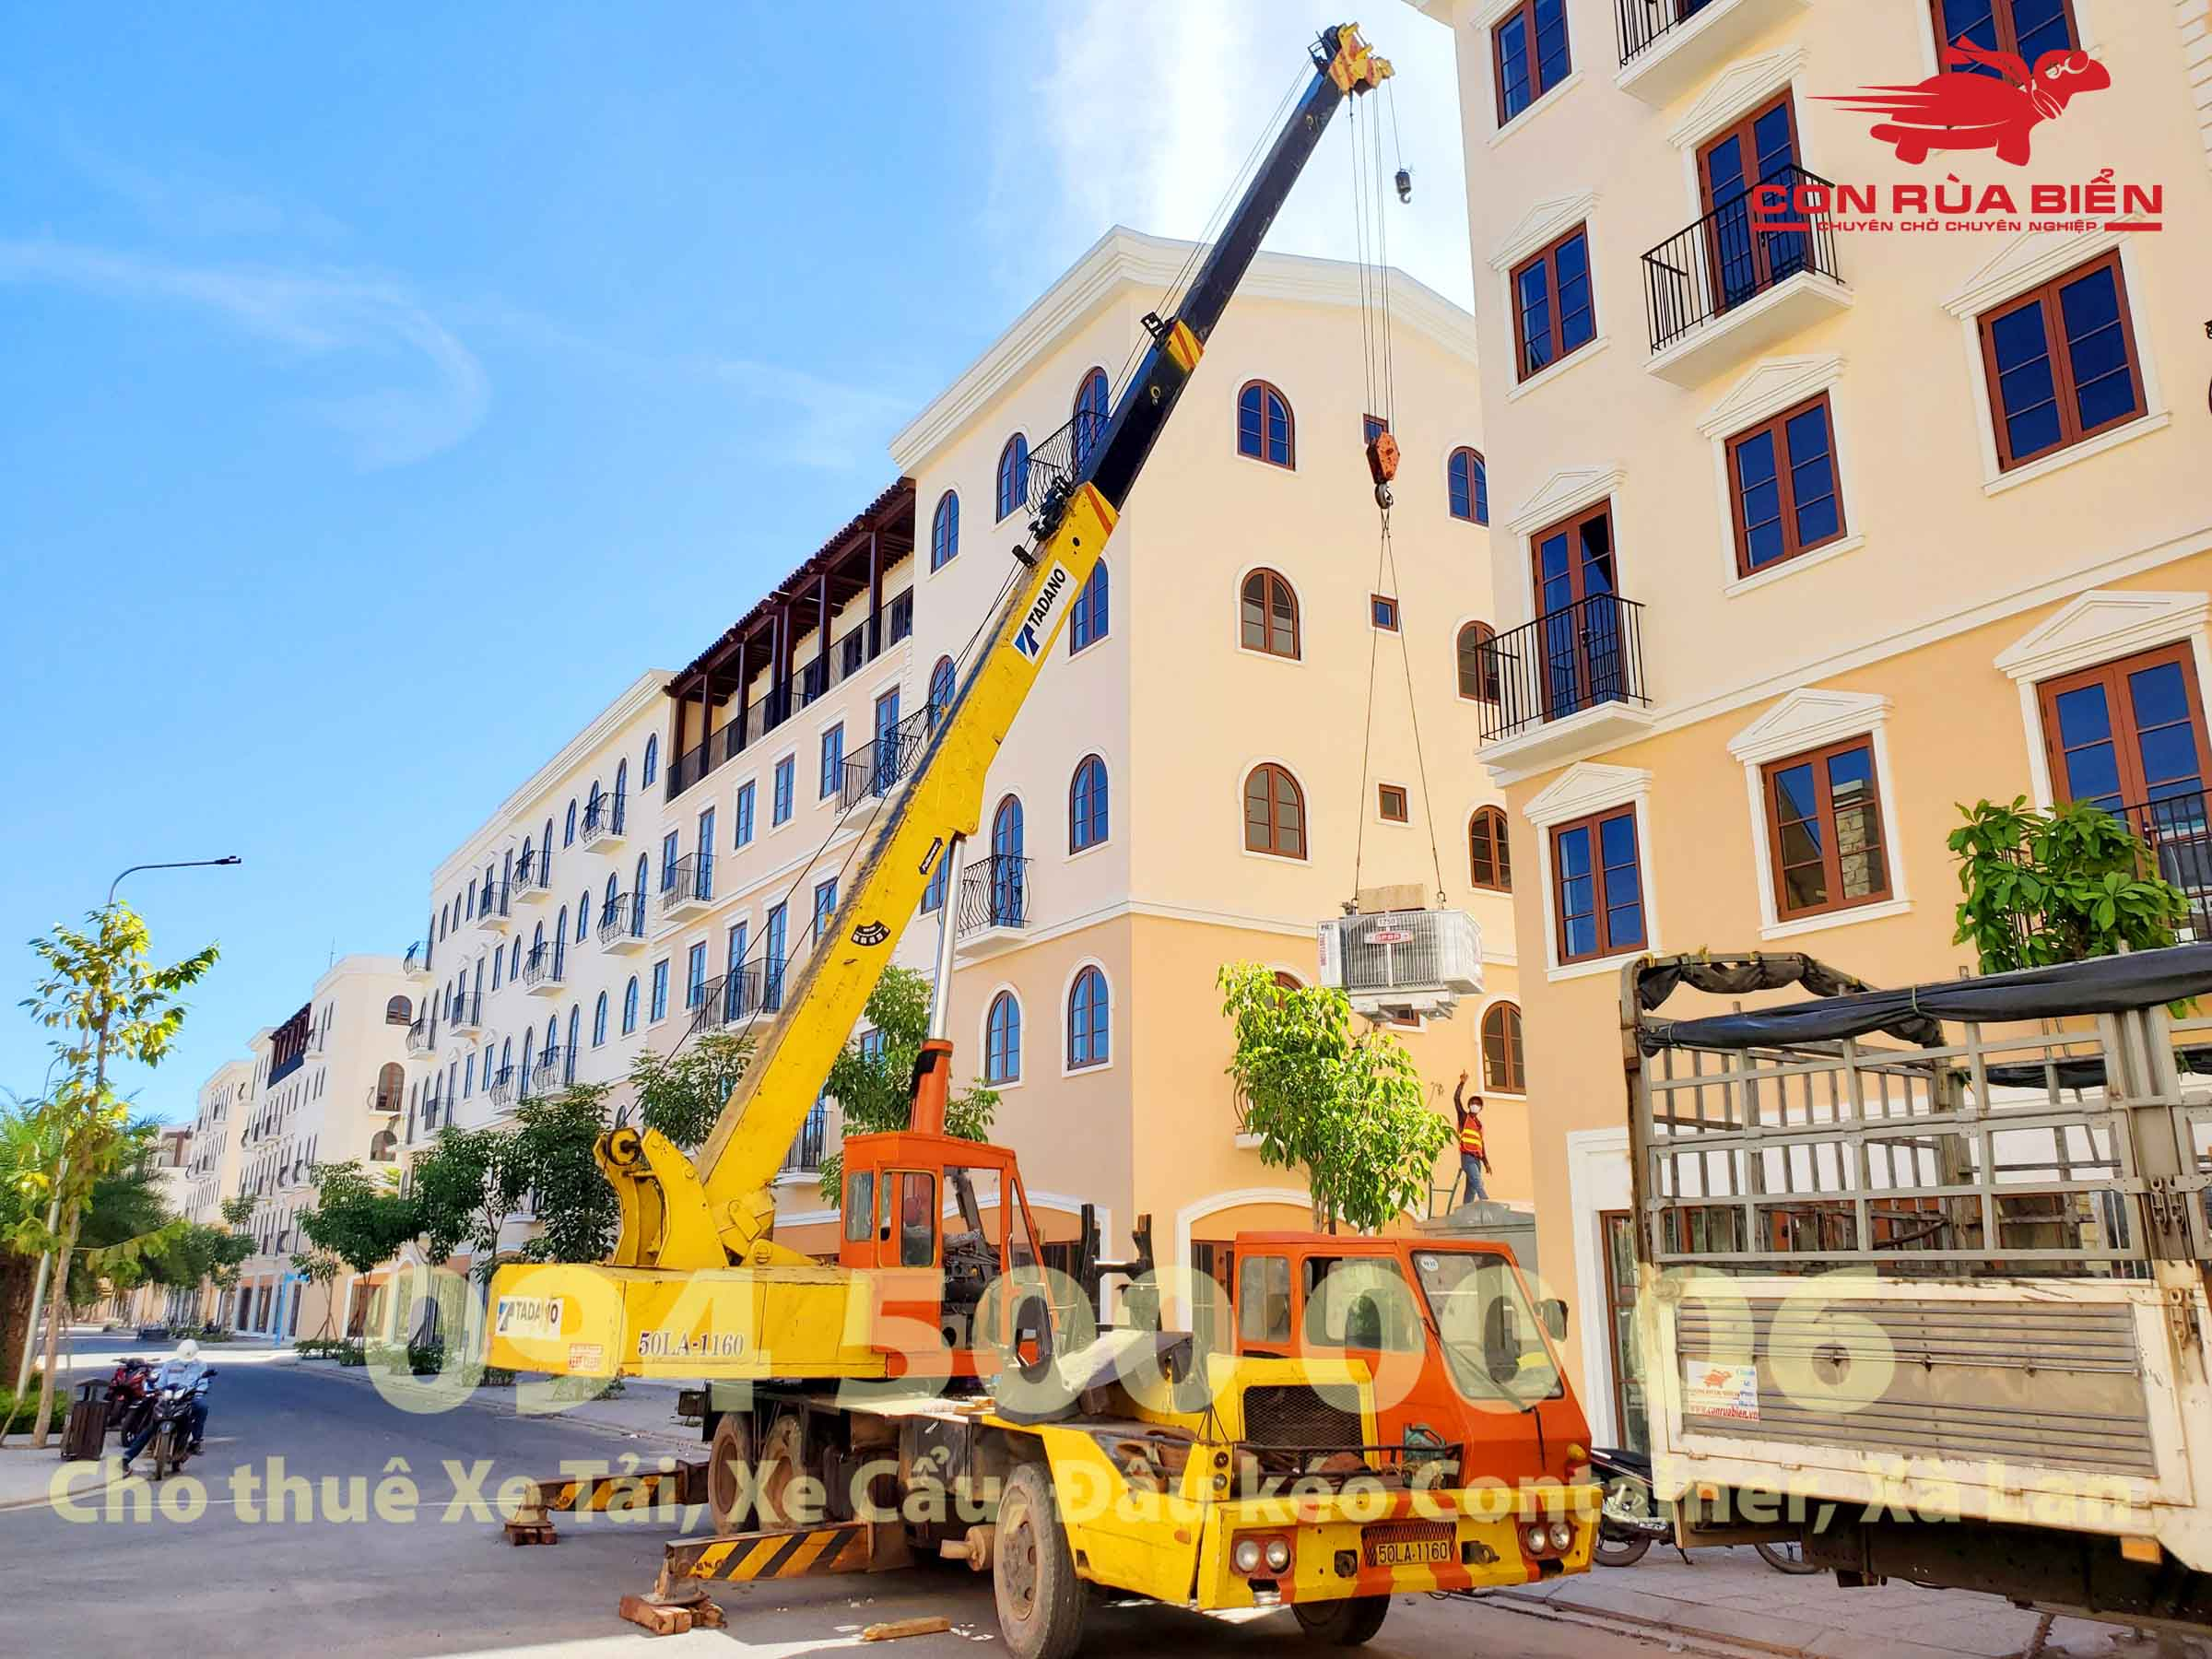 (Ảnh: Chành xe Phú Quốc công ty CON RÙA BIỂN cho thuê xe tải đi Phú Quốc nguyên chiếc (bao xe)